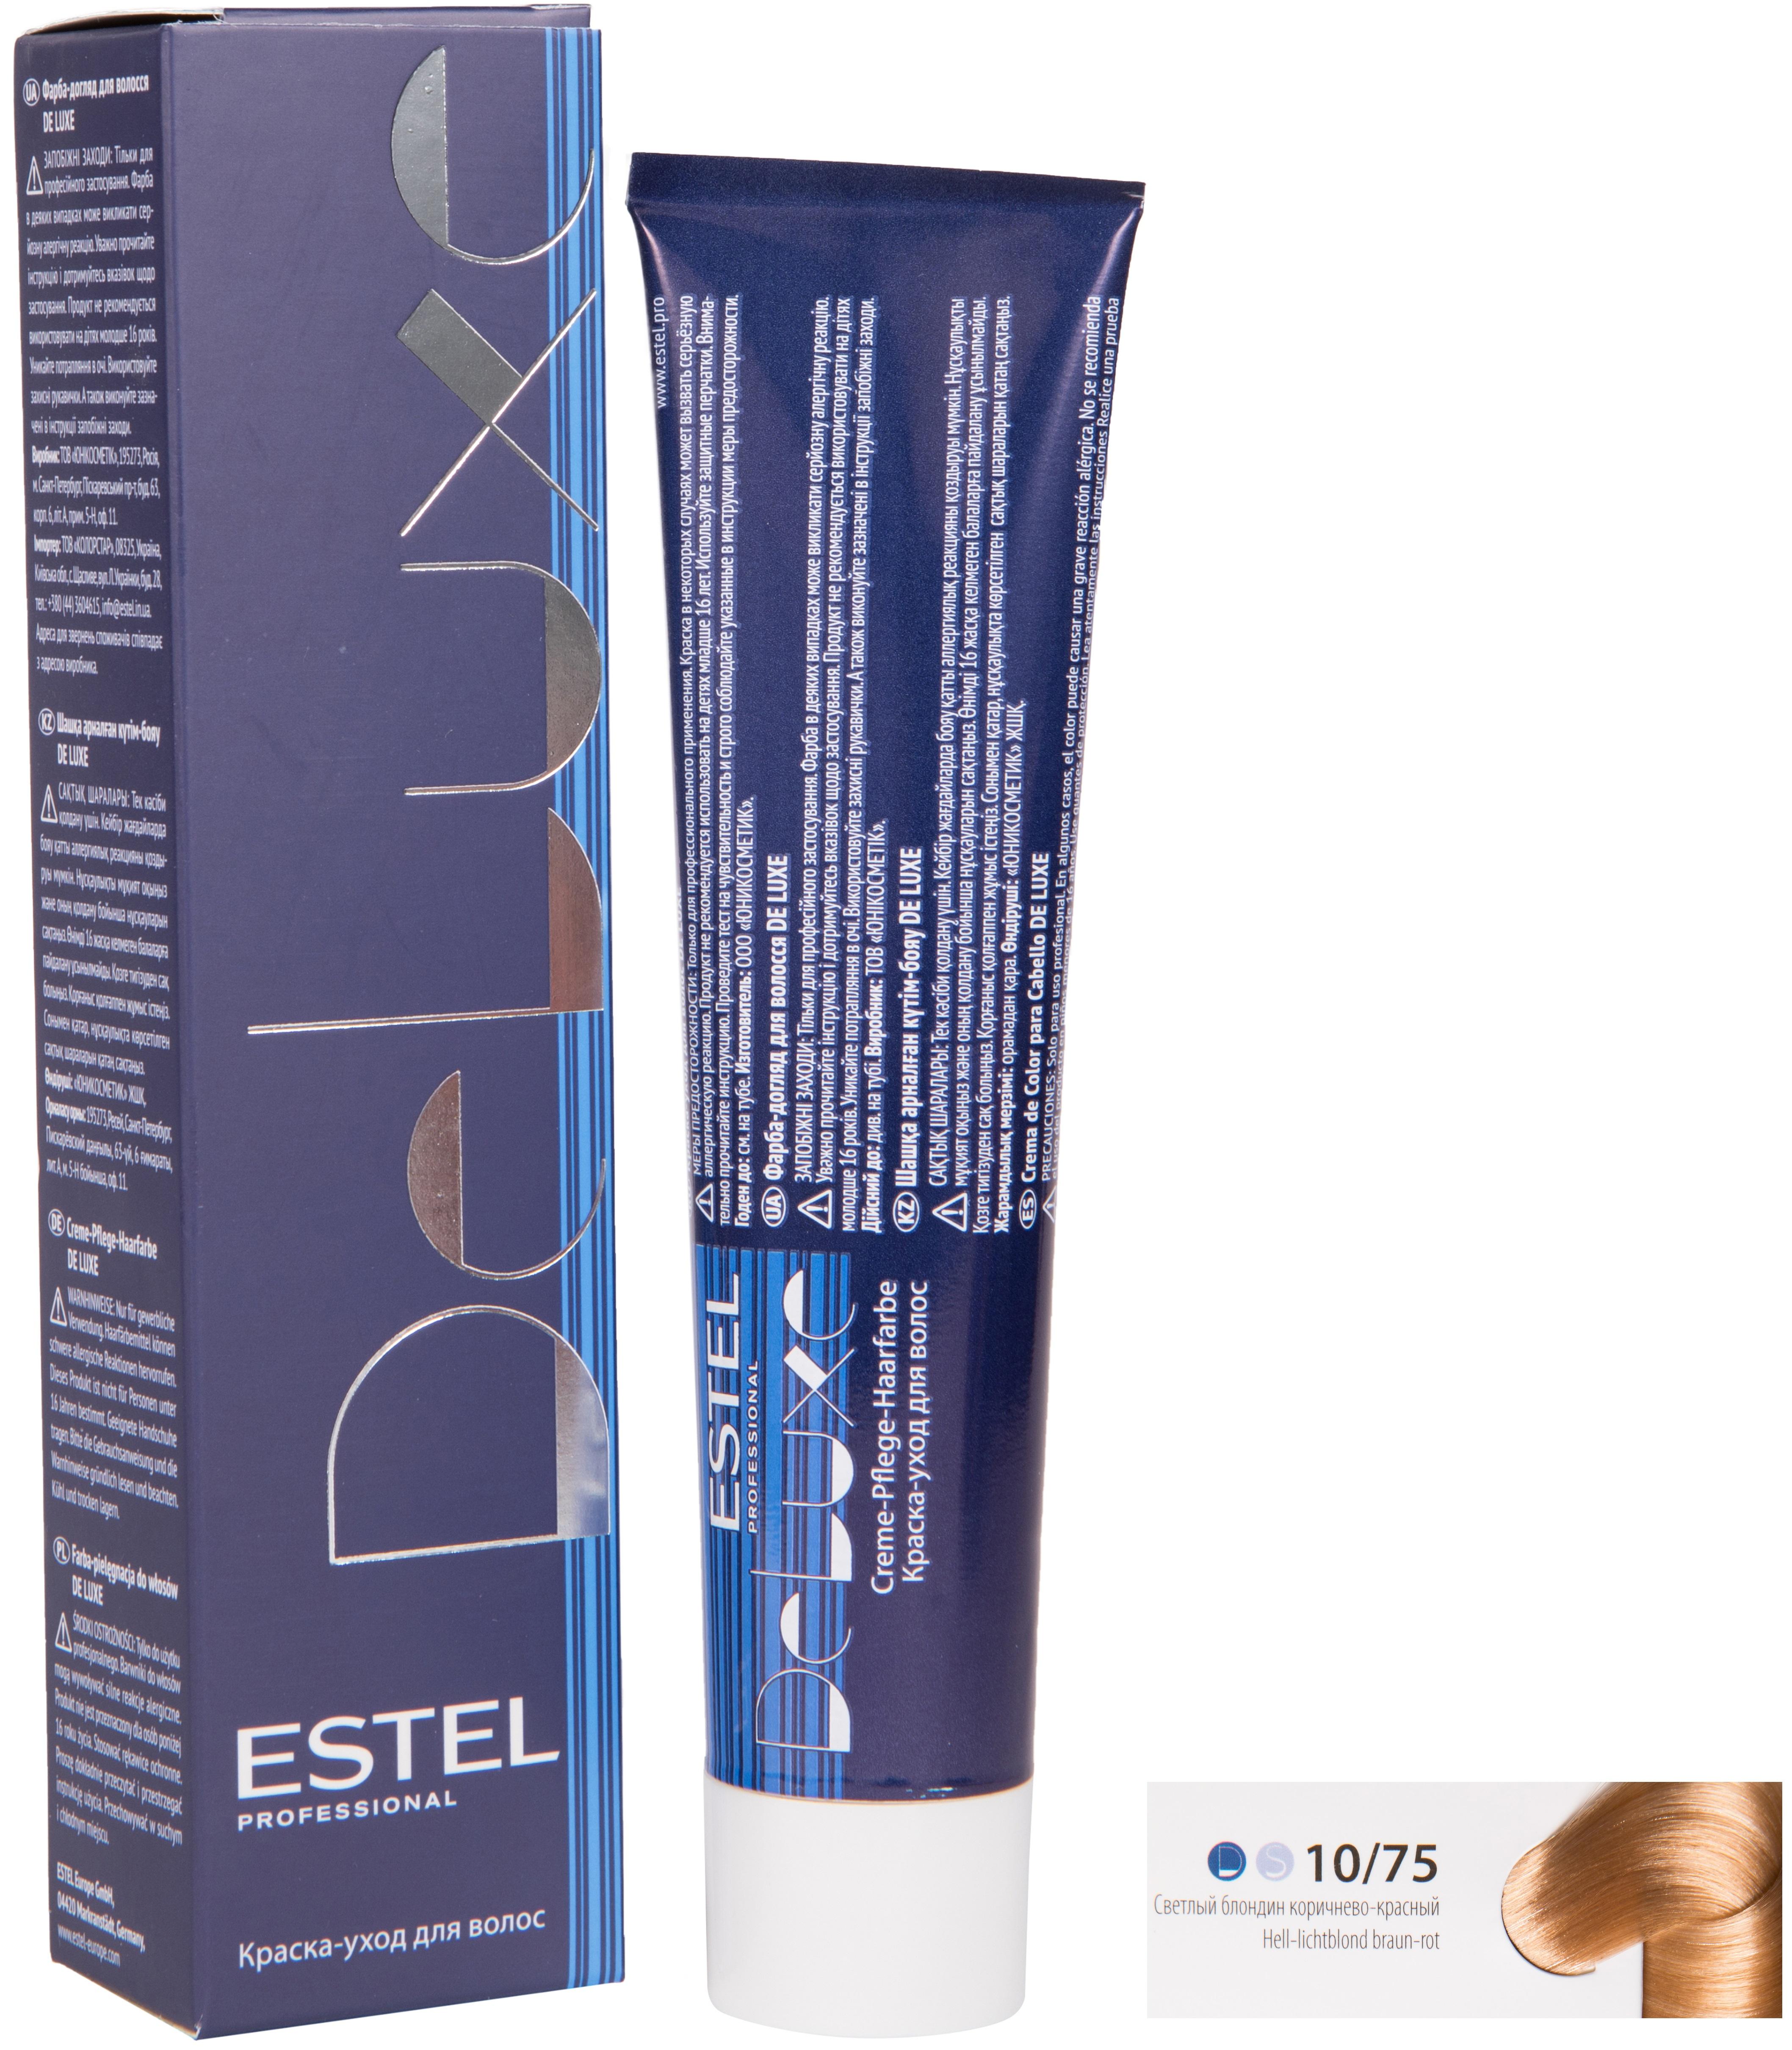 Краска для волос ESTEL PROFESSIONAL 10/75 DE LUXE краска-уход для окрашивания волос, светлый блондин коричнево-красный 60 мл londa cтойкая крем краска new 124 оттенка 60 мл 7 75 блонд коричнево красный 60 мл